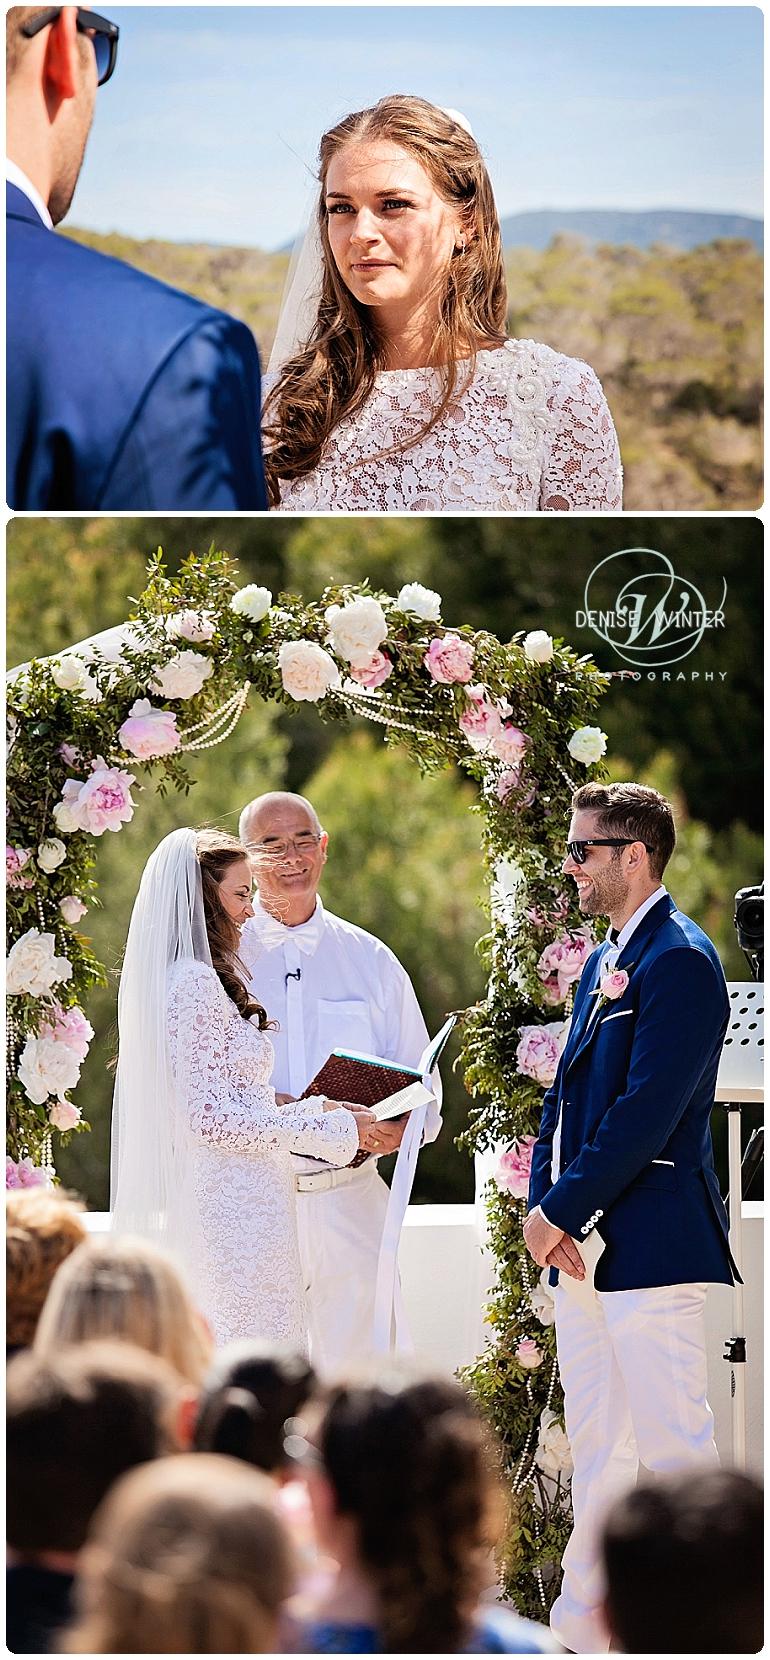 Ibiza Wedding Photography - The Elixir Shore Club_0046